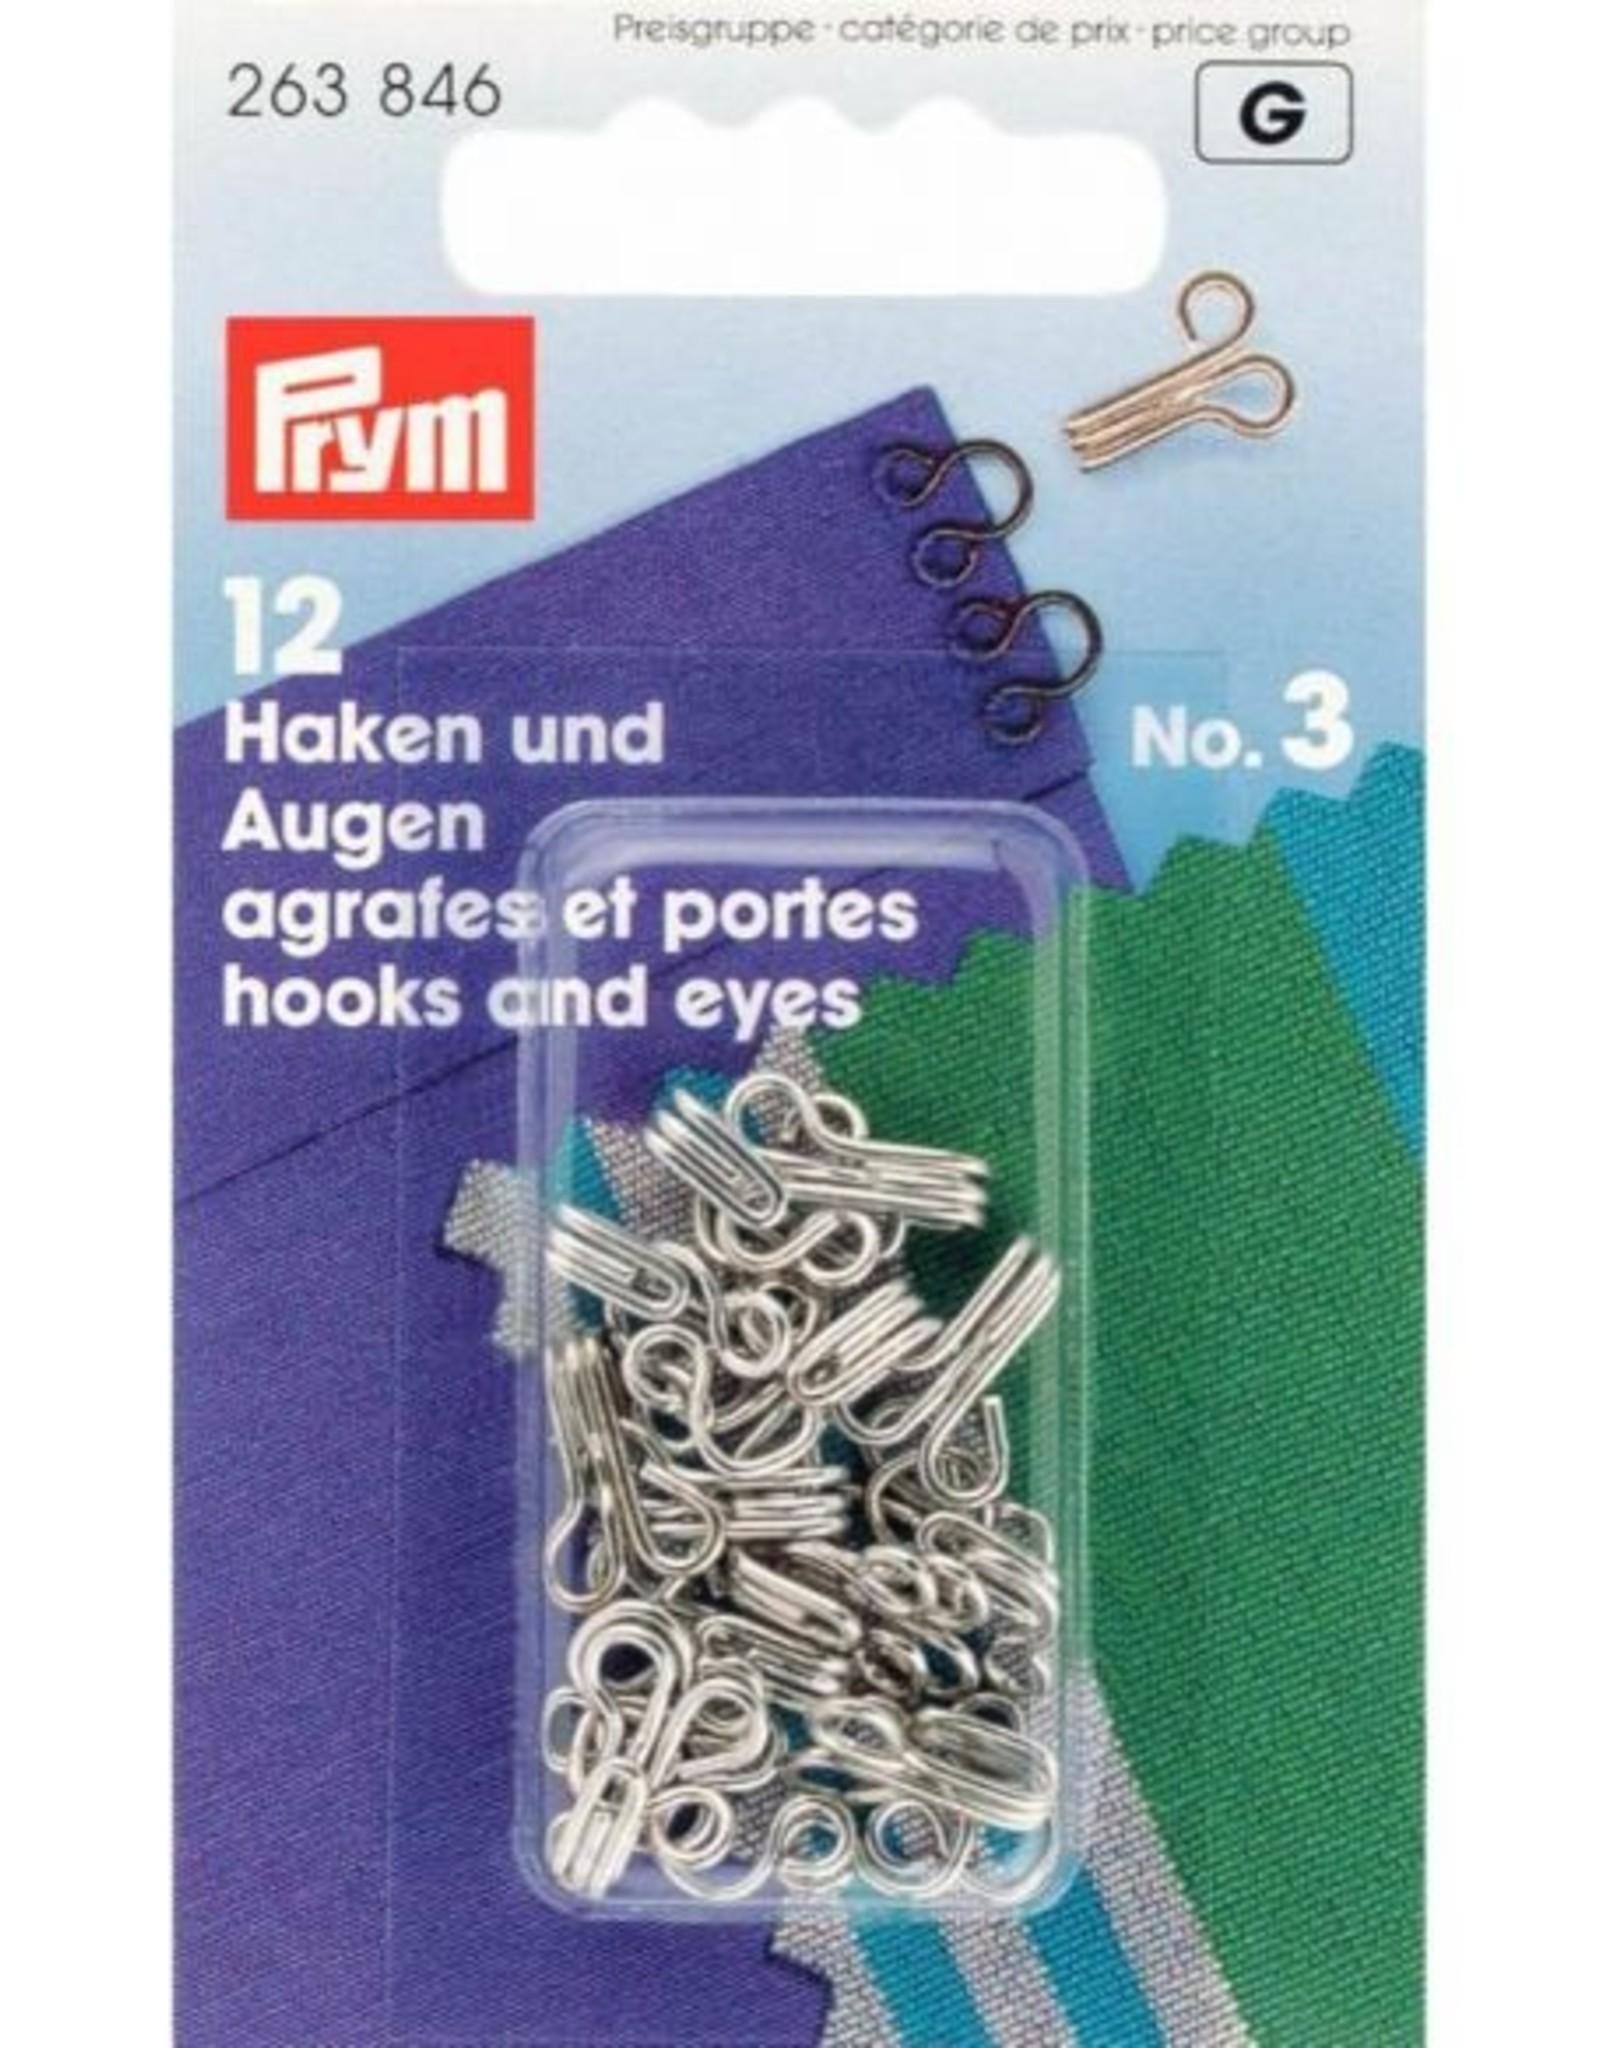 Prym prym - haken en ogen no.3 zilver - 263 846